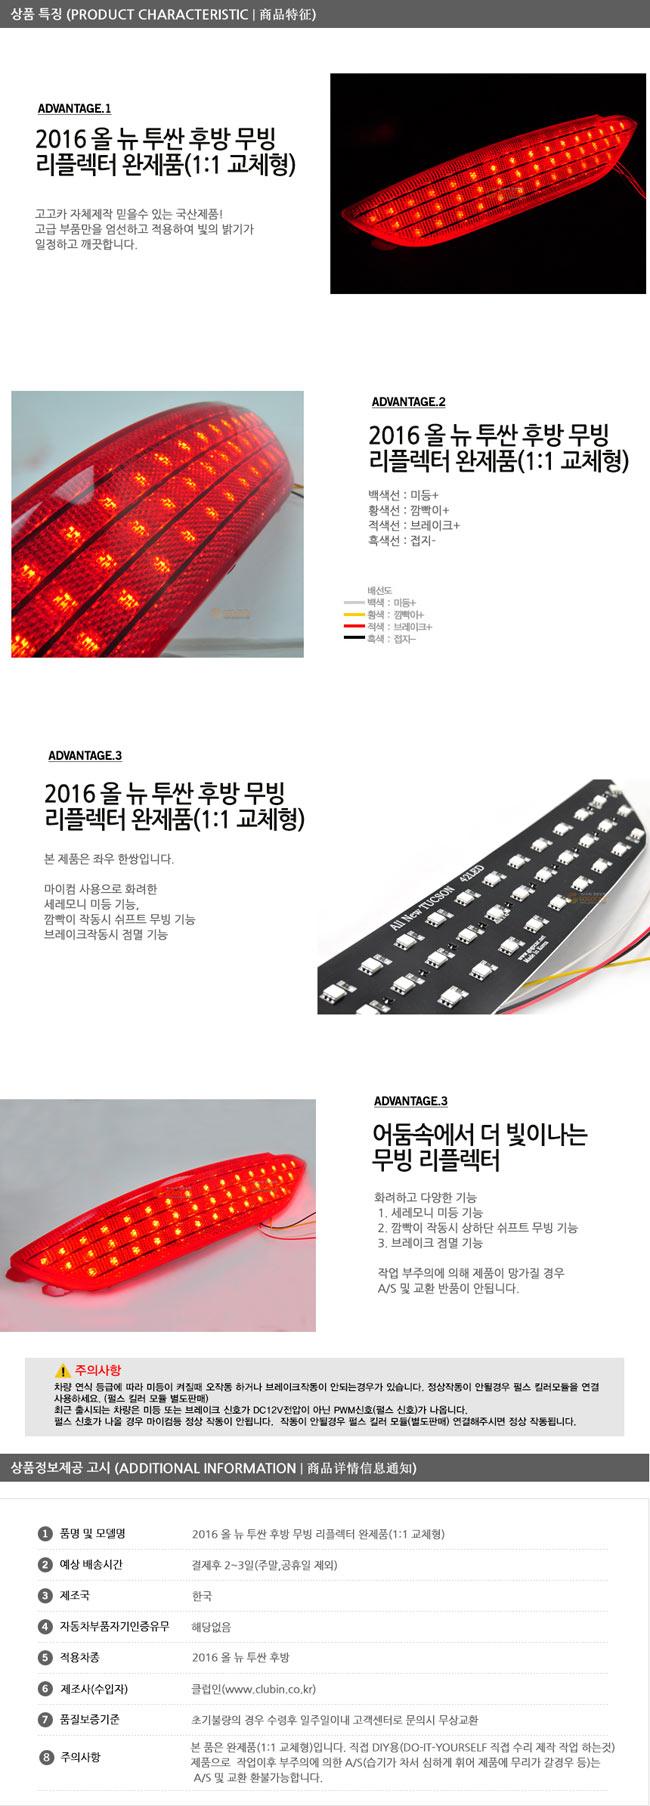 2016 올 뉴 투싼 후방 무빙 리플렉터 완제품(1:1 교체형)